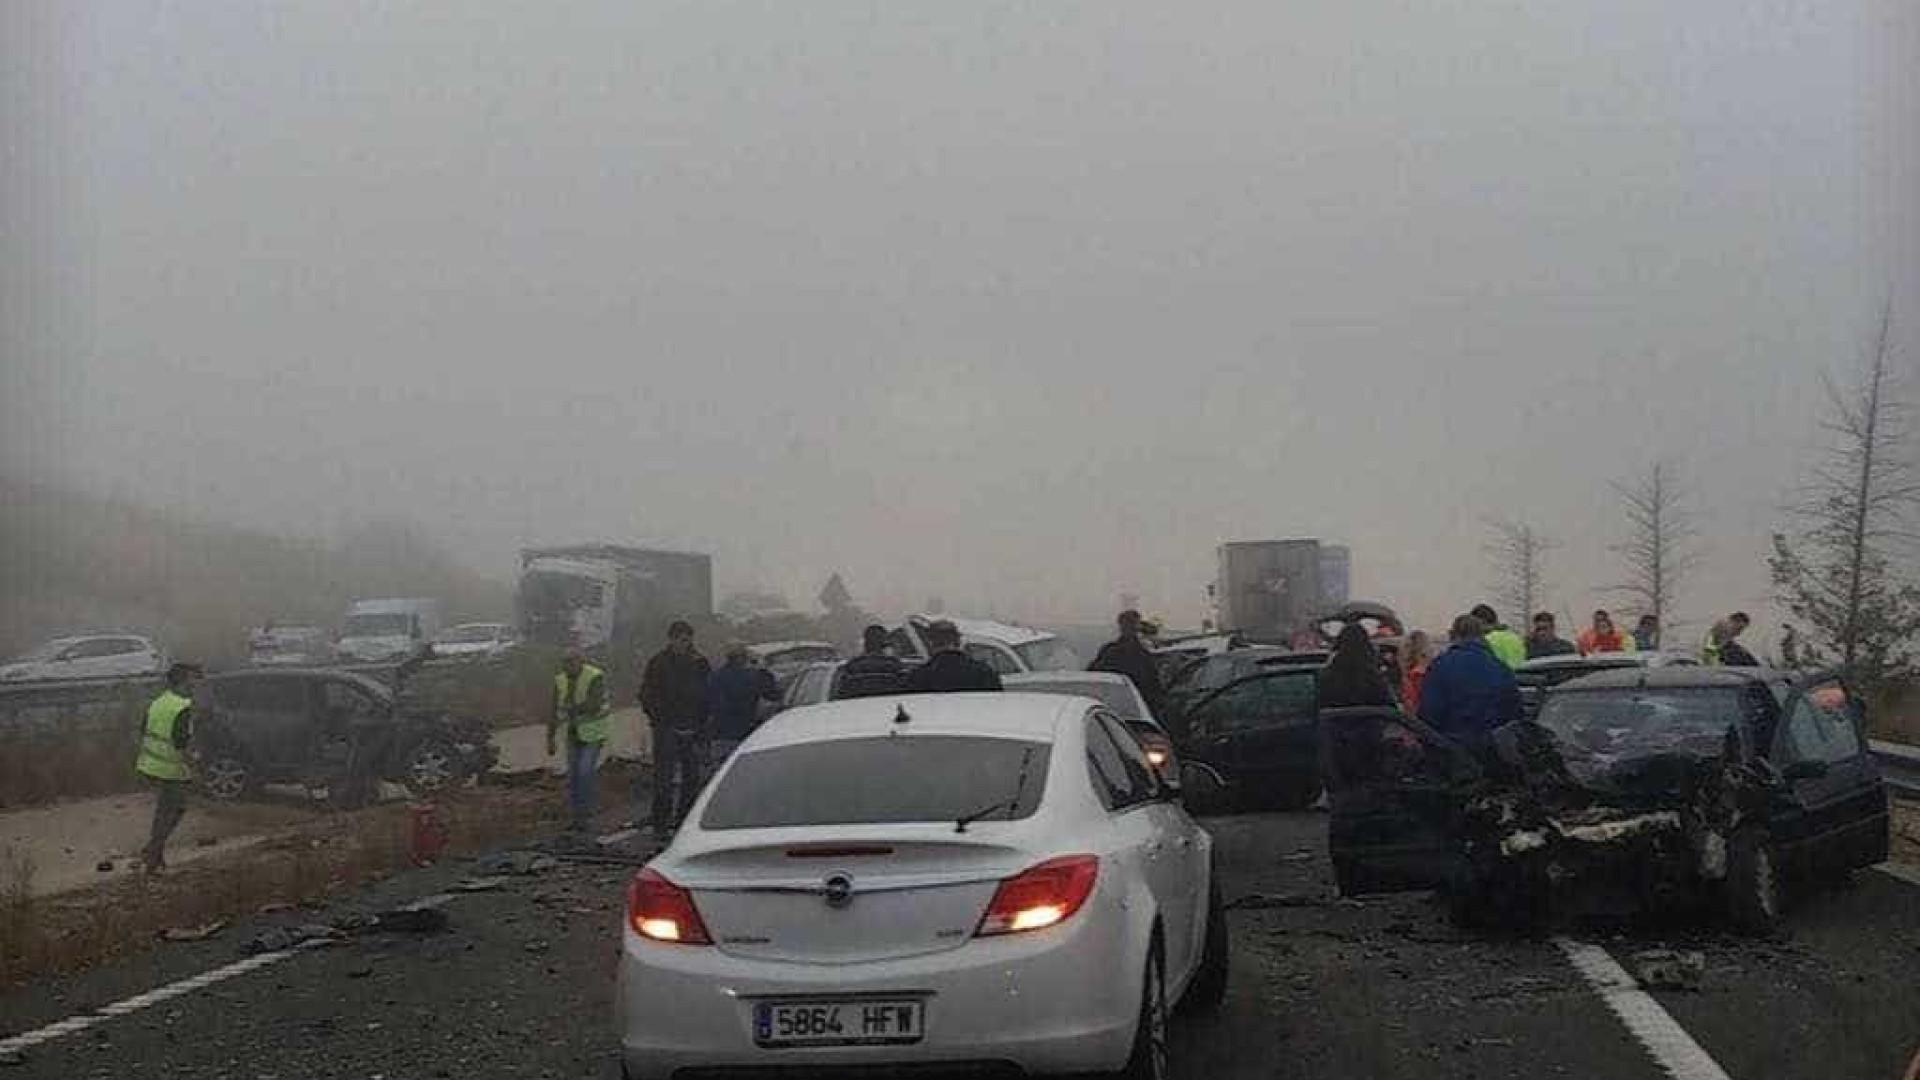 Choque em cadeia com 45 carros faz um morto. Vítima residia em Portugal